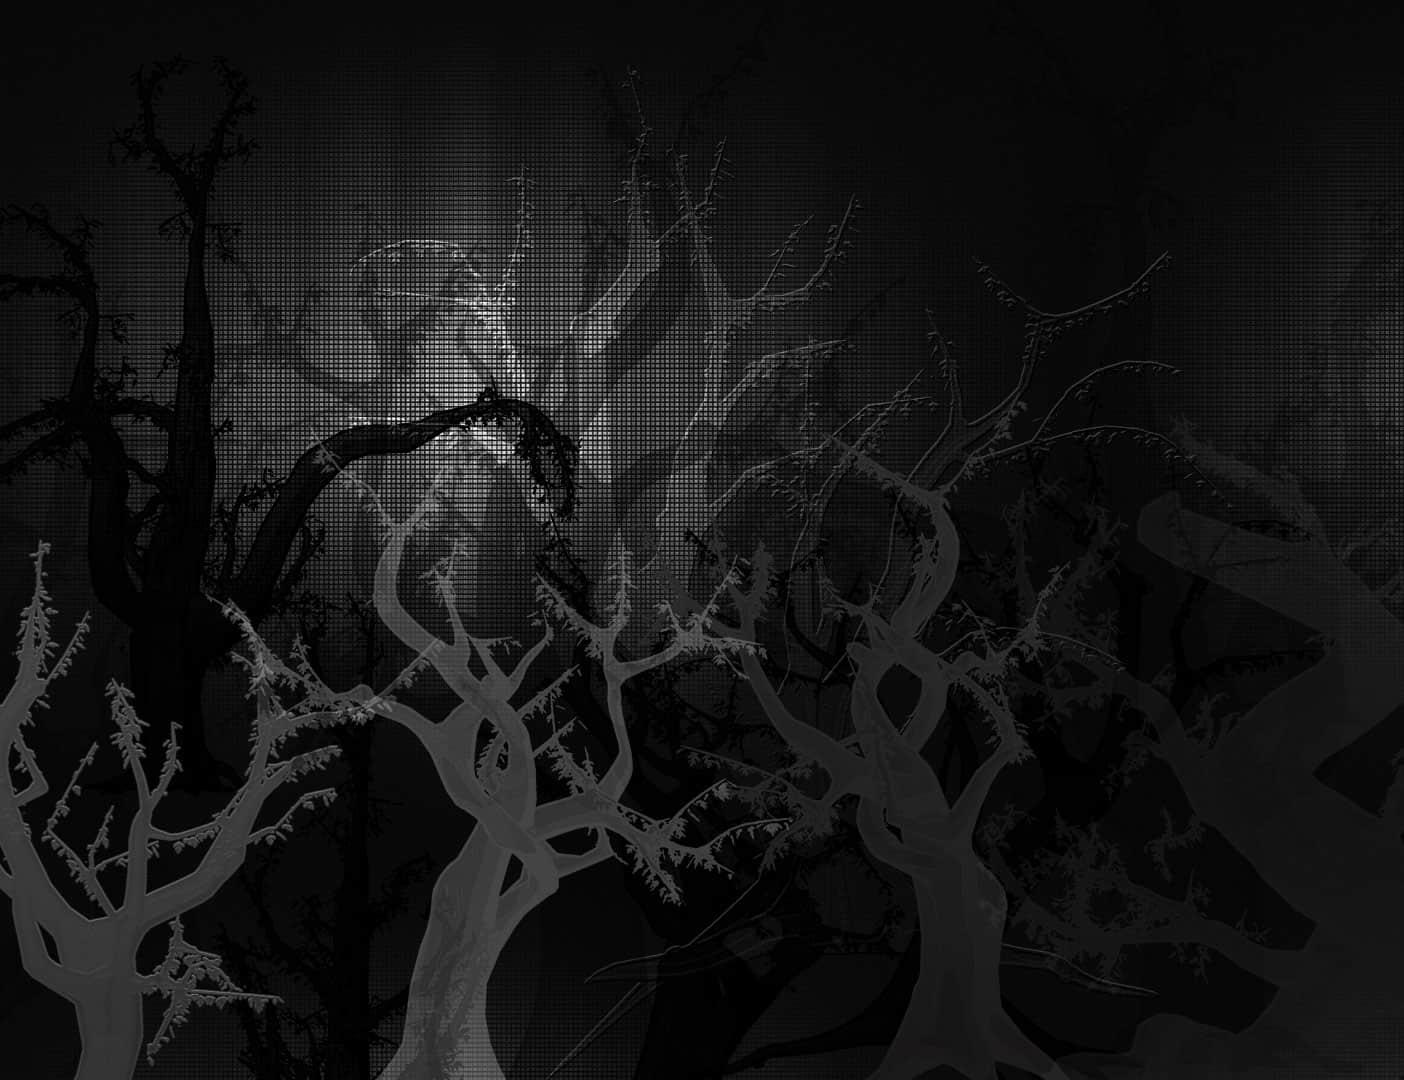 恐怖森林、大树、鬼树Photoshop笔刷下载 鬼树笔刷 森林笔刷 大树笔刷  plants brushes